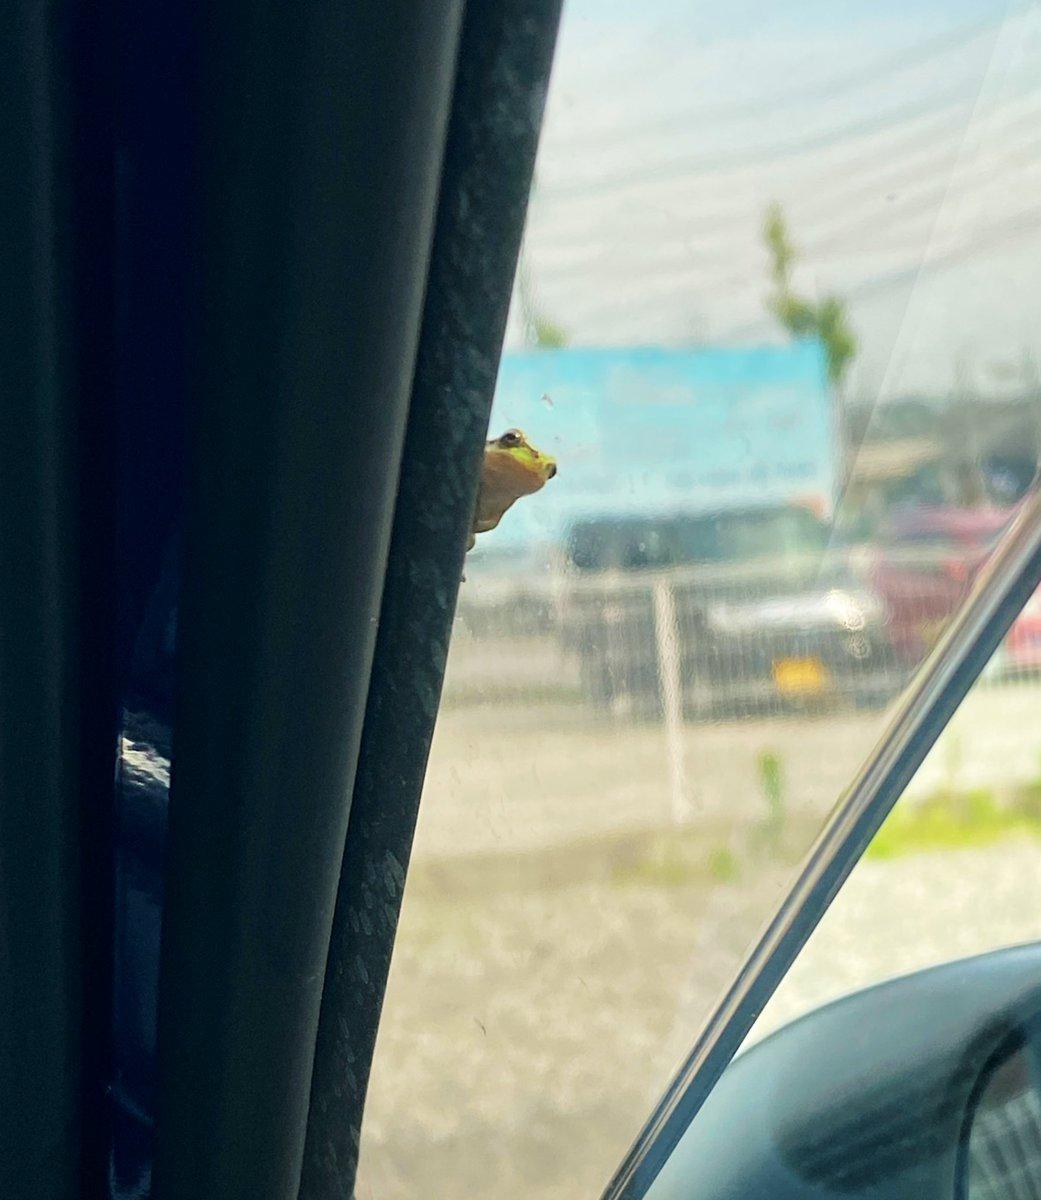 車のバイザー裏にアマガエルが出現!駐車場に着いた後のカエルの表情にほっこり!